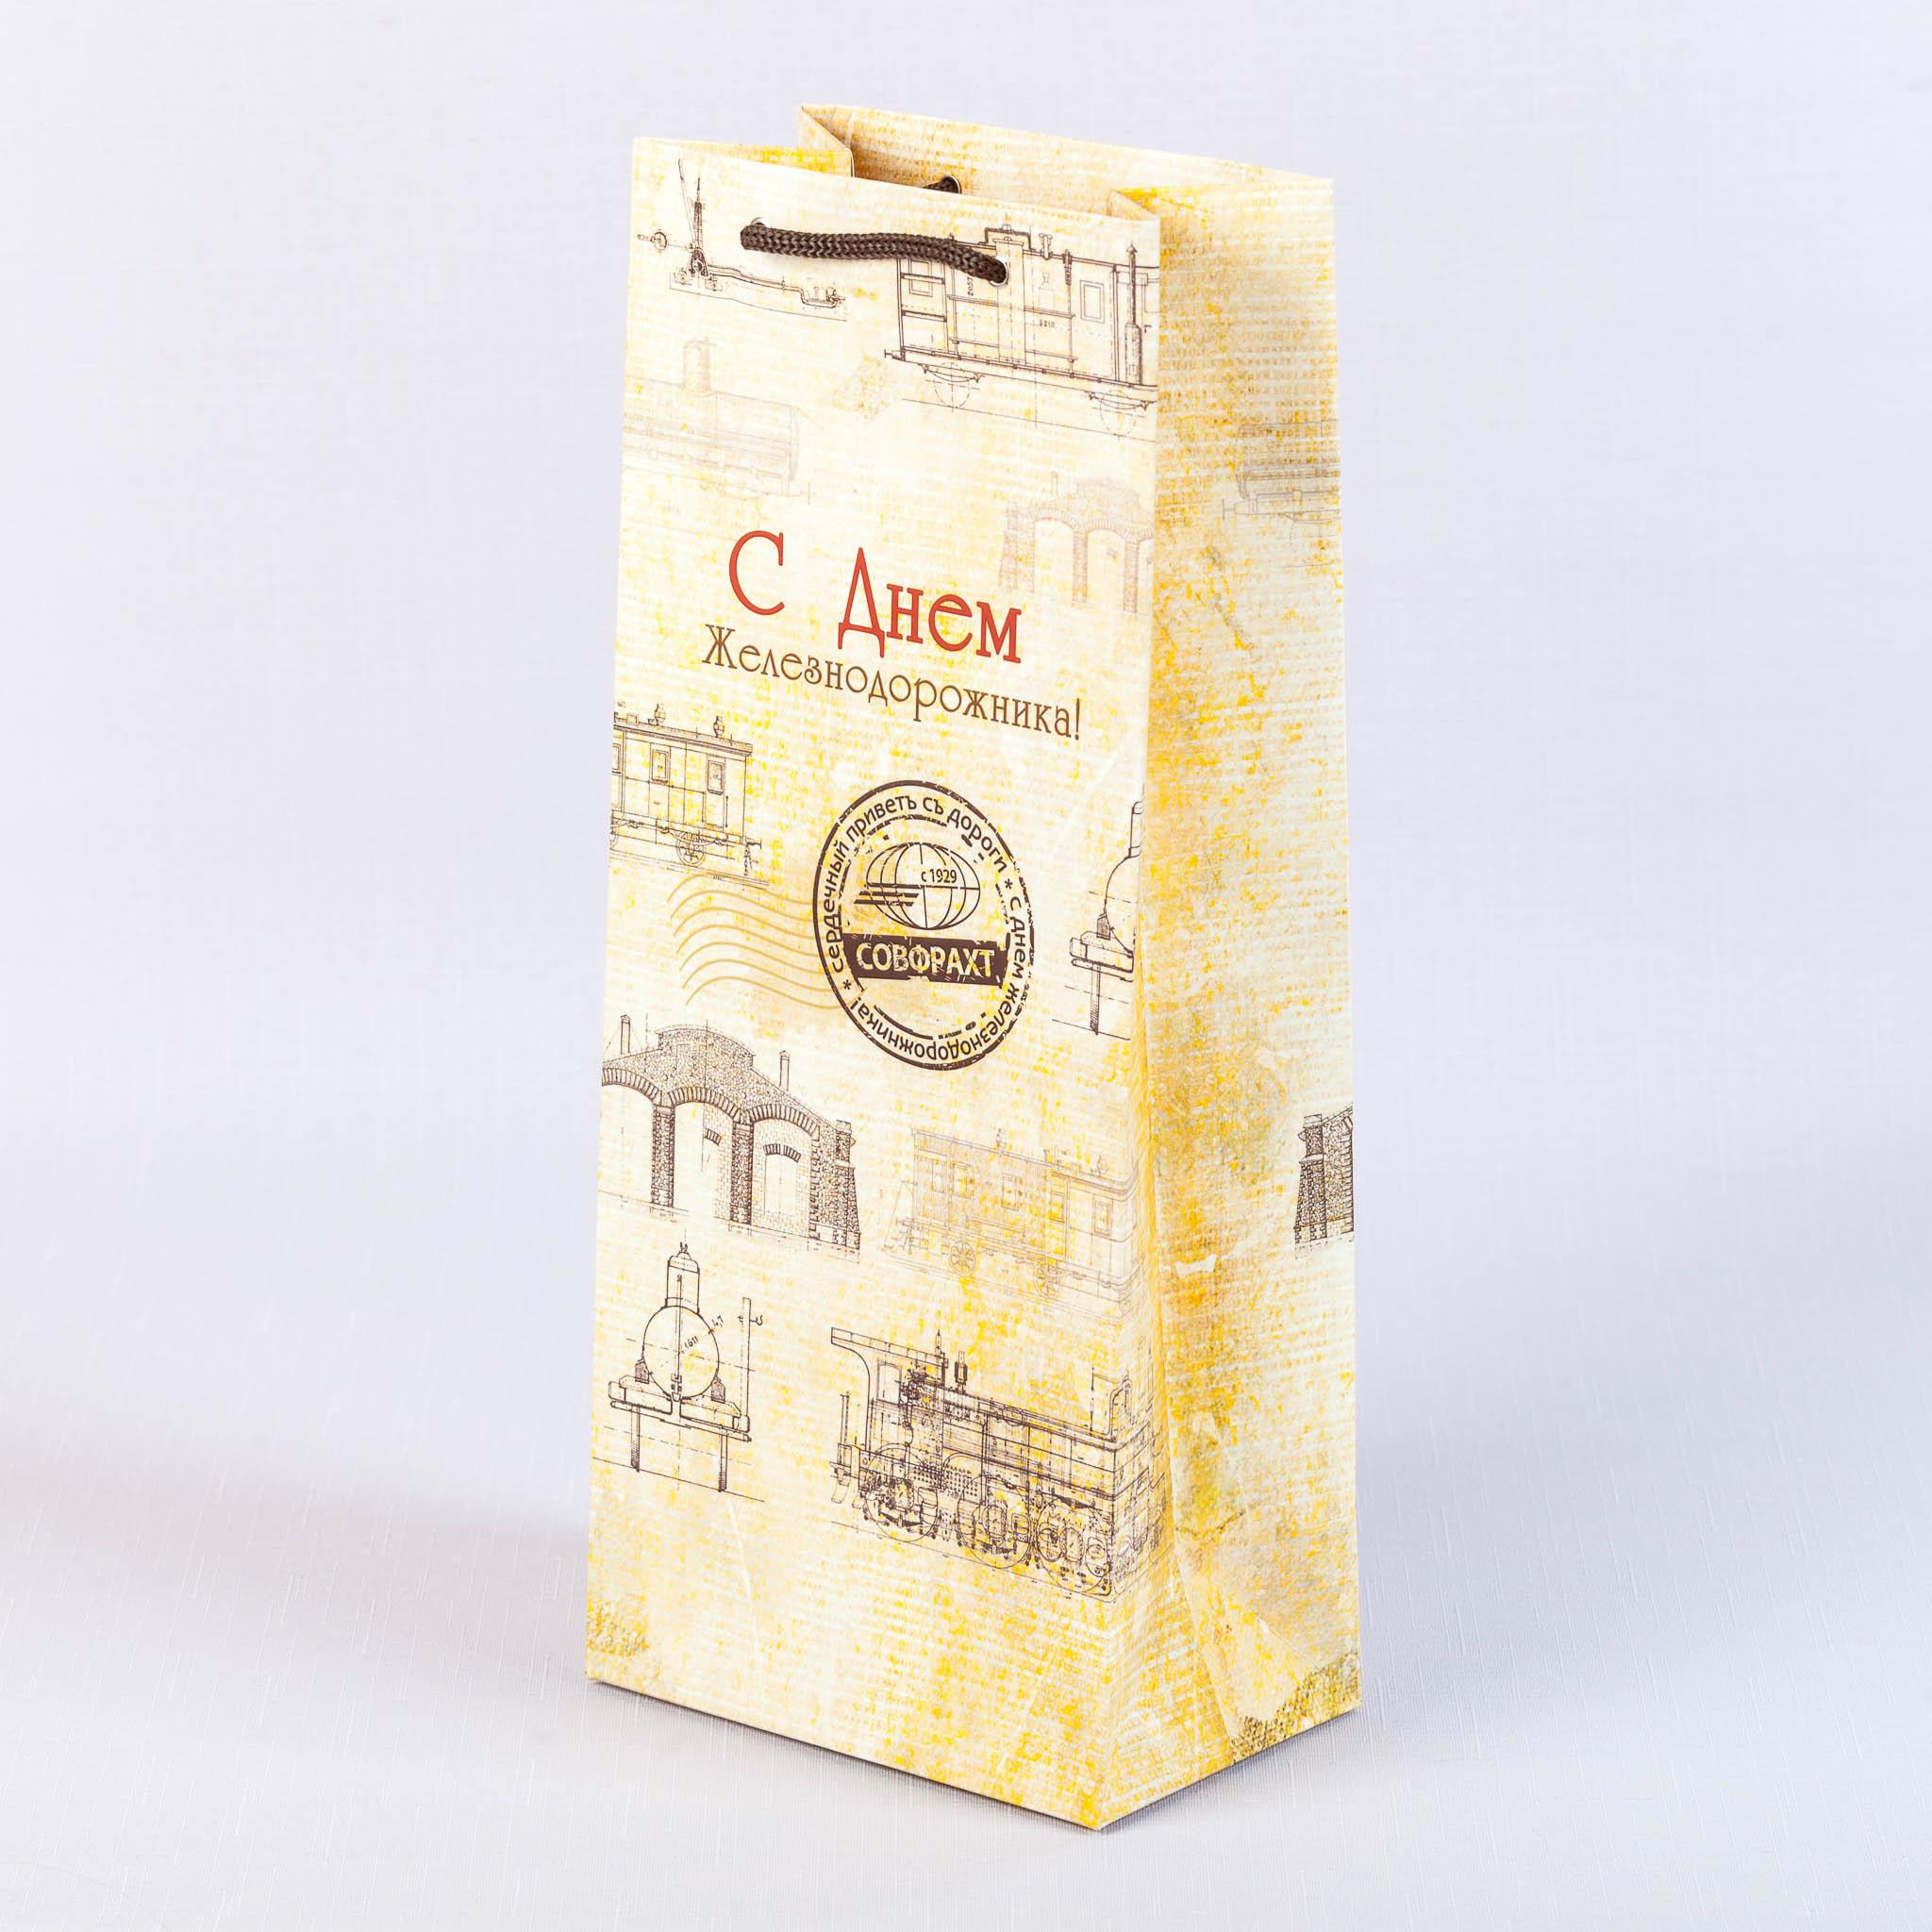 Пакет с матовой ламинацией ко дню железнодорожника под бутылку